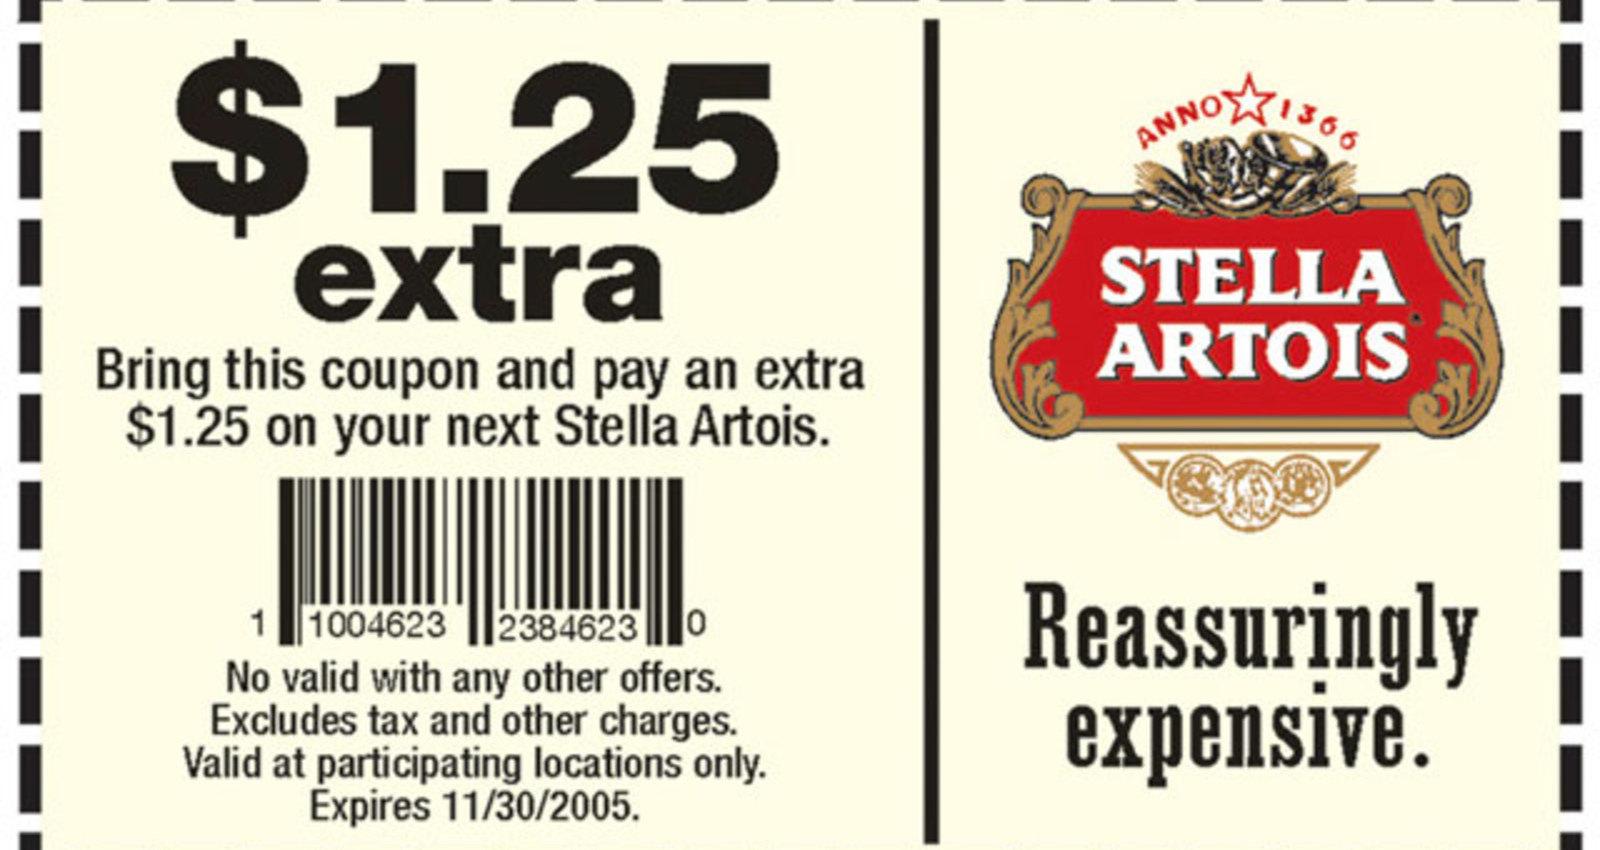 Stella Artois Coupon